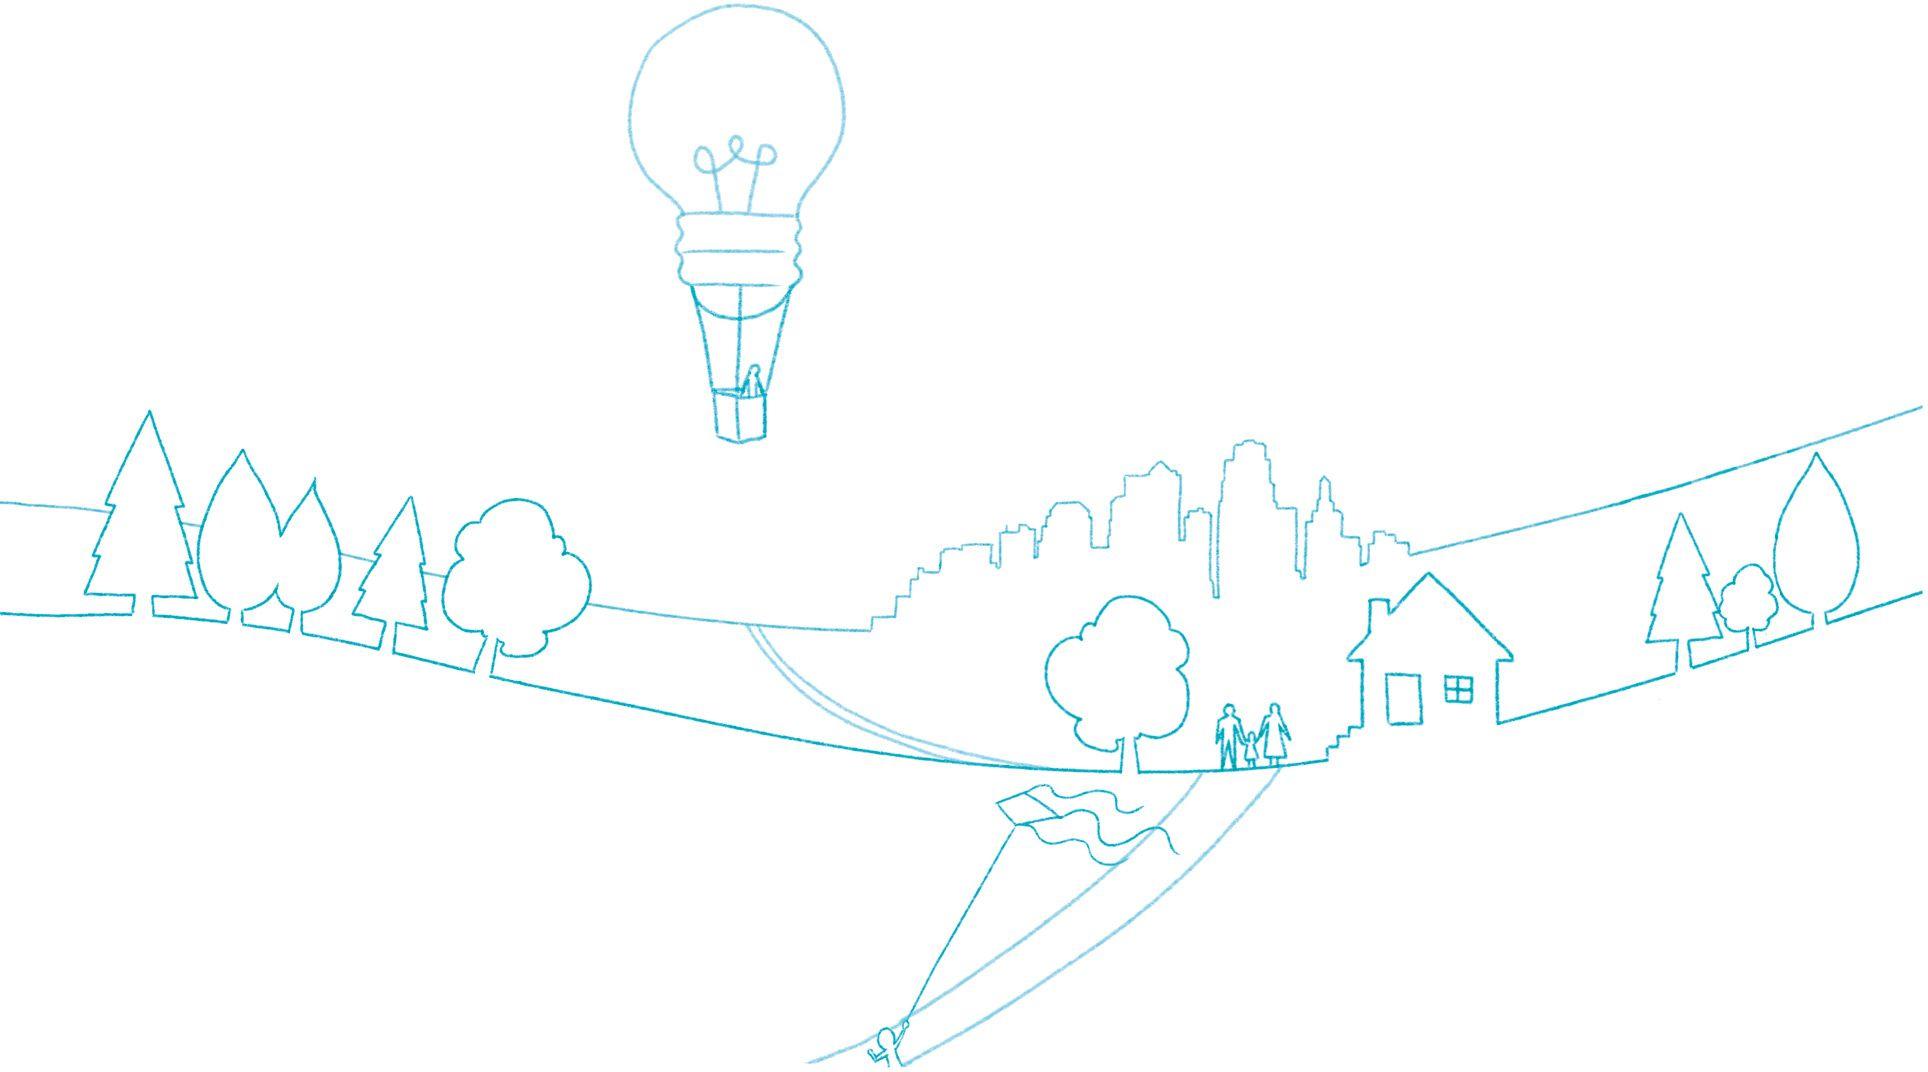 disegno-fiosere-energia